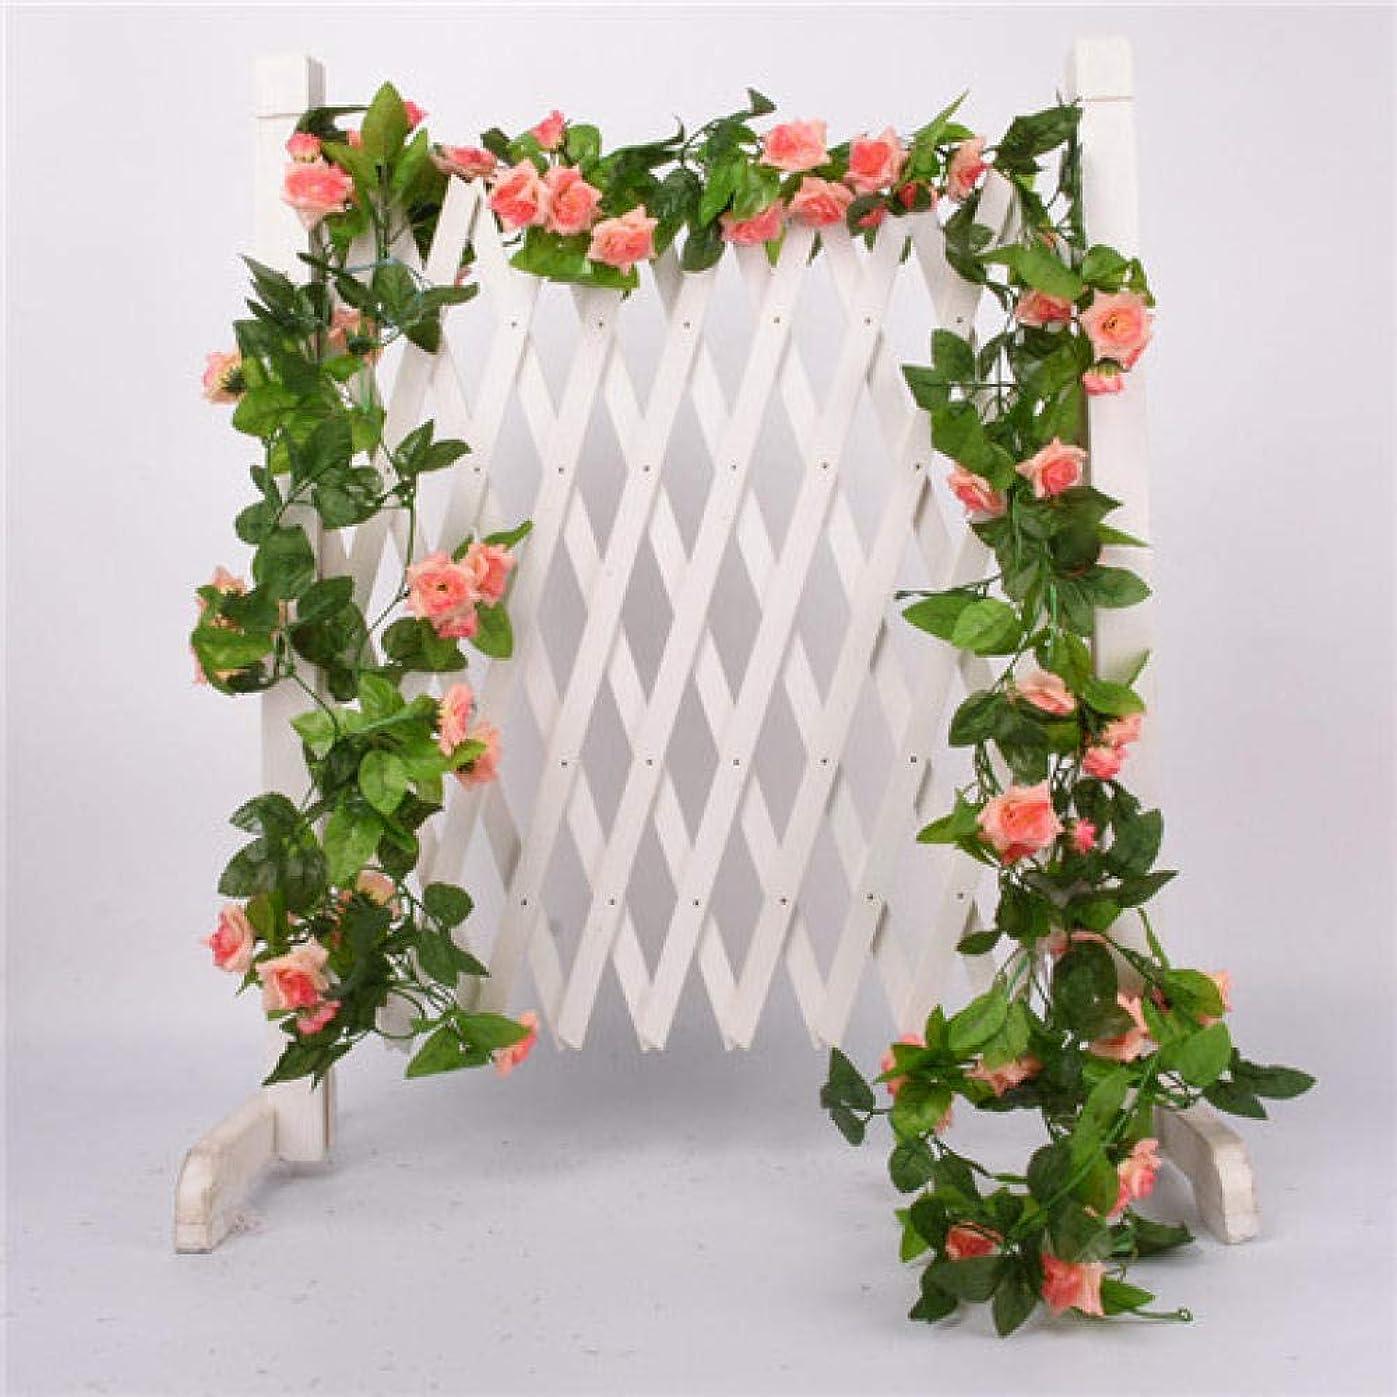 変色する監督する敬なYuanyuxi人工バラつる党装飾的な植物風景装飾偽花籐壁掛け手作り花つる@ 33小さなバラピンク